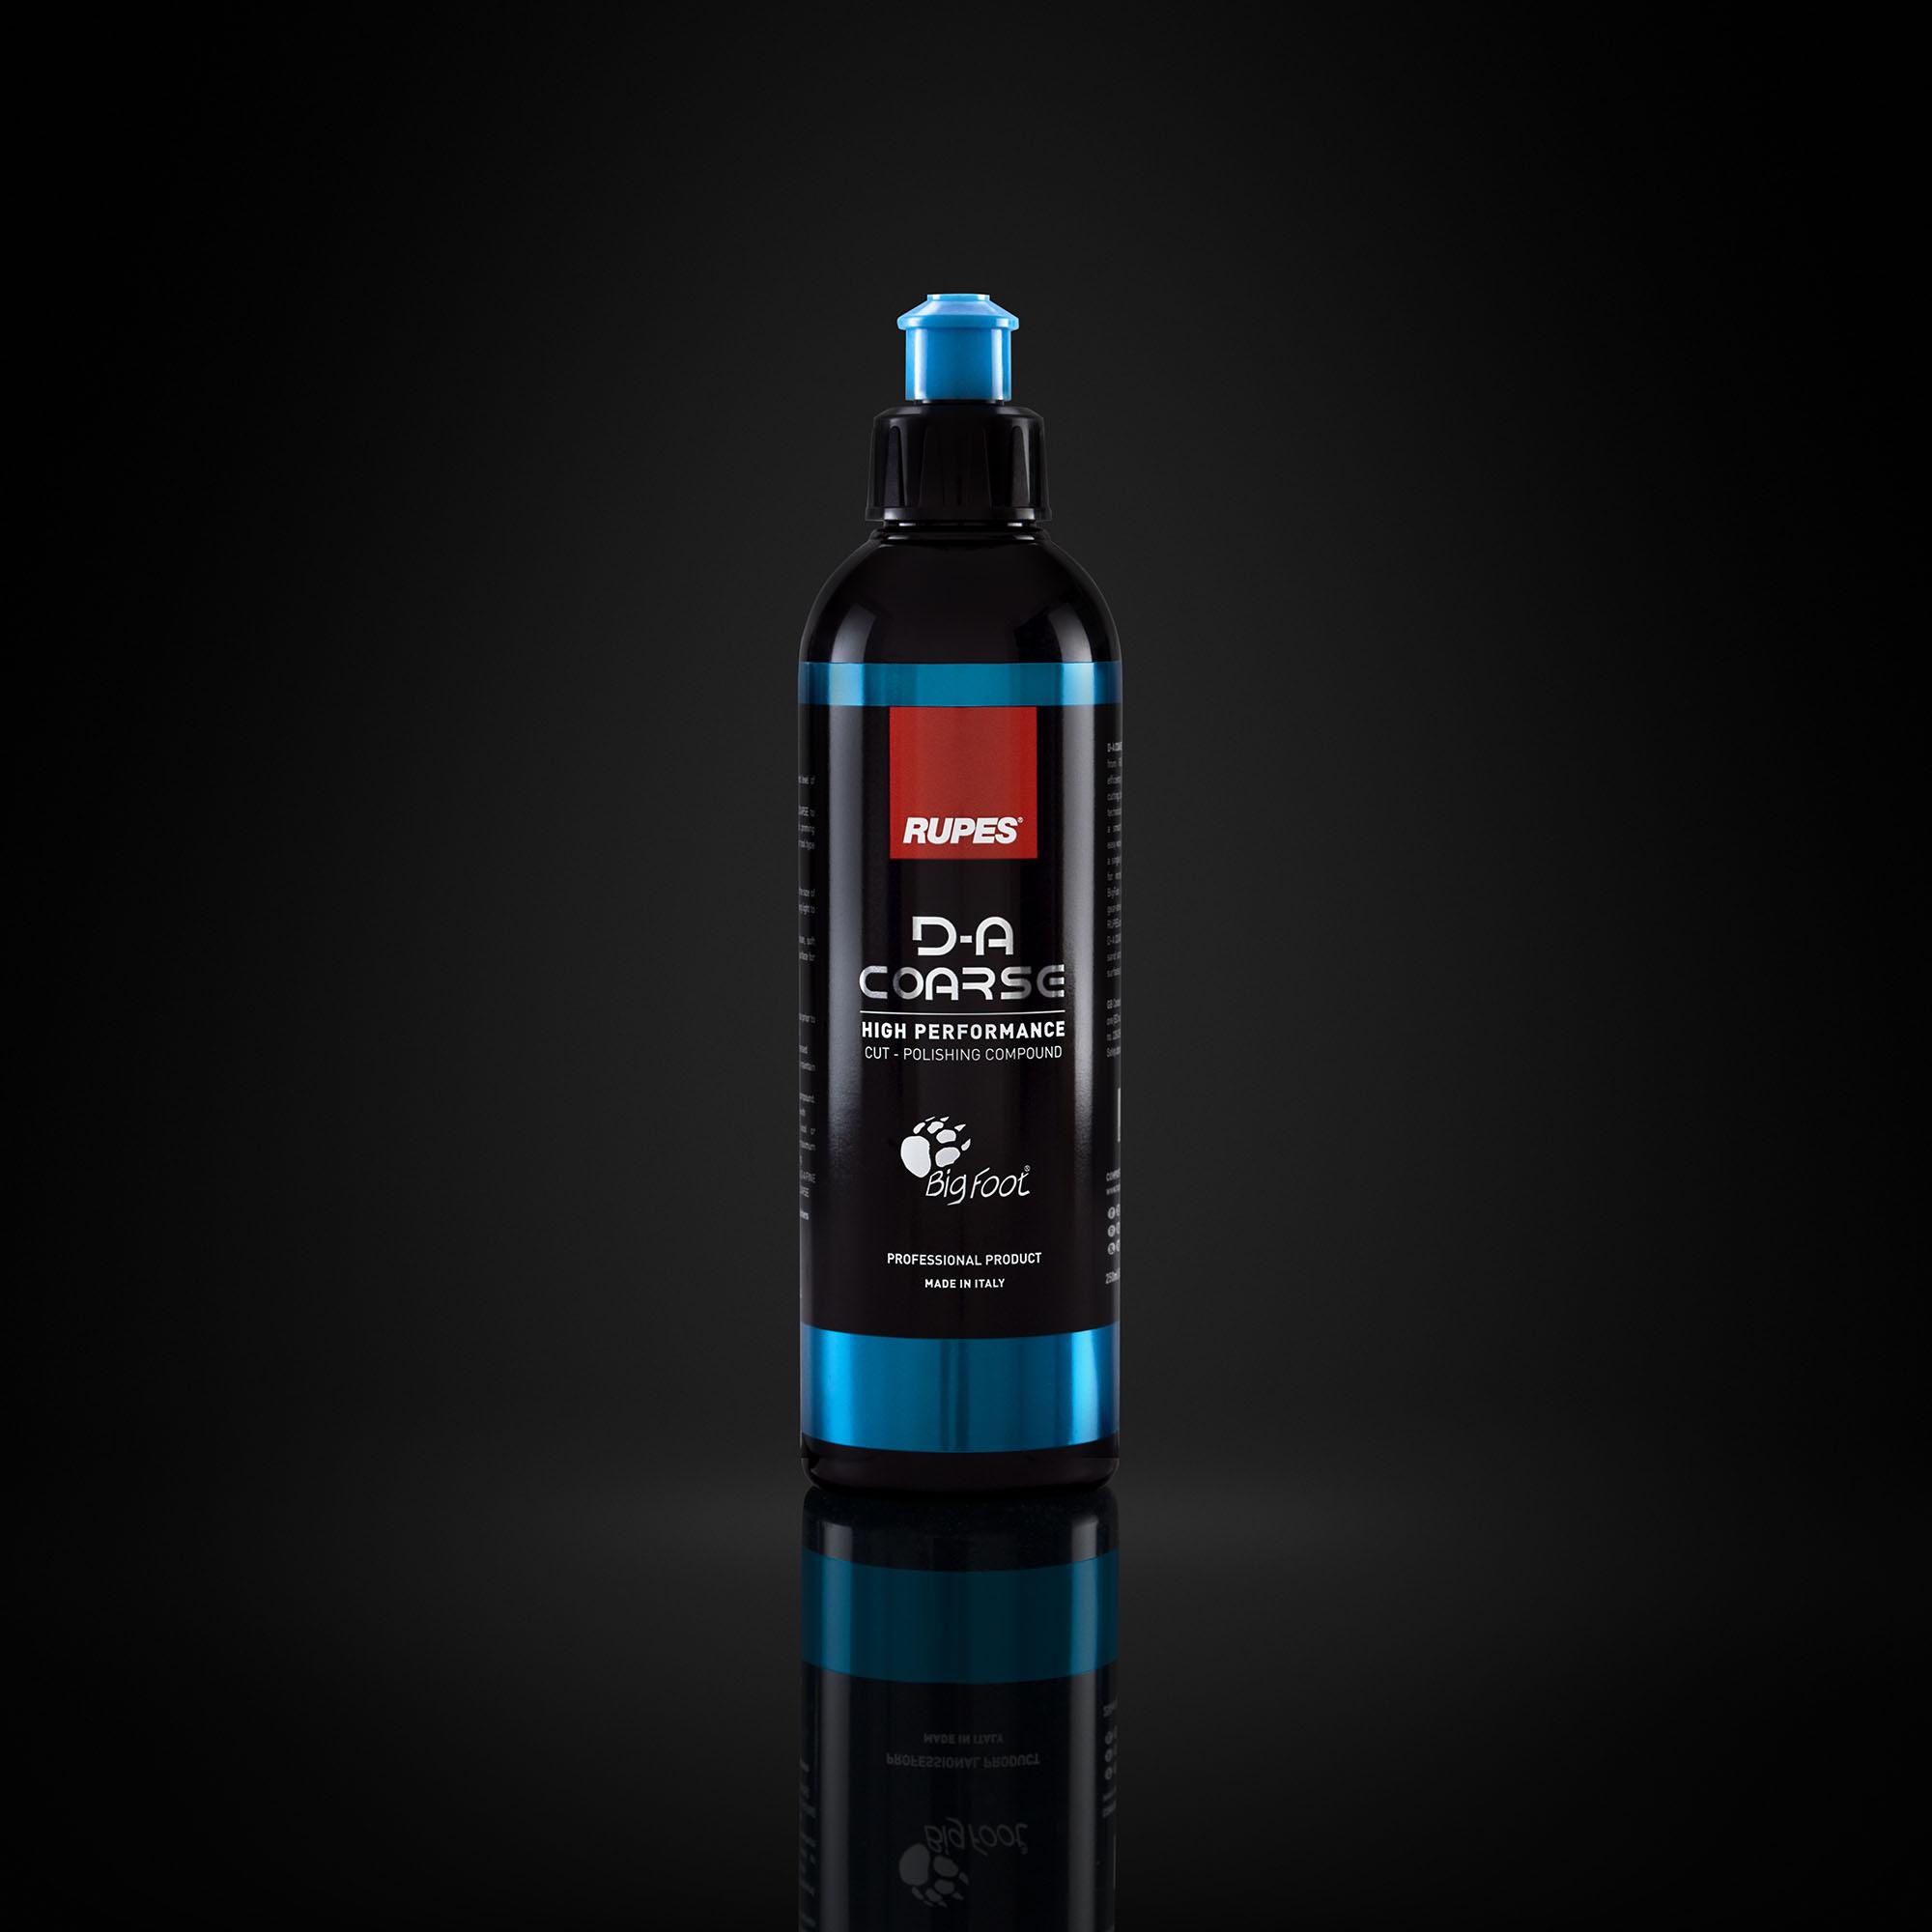 Kit D-A + Uno Protect - 250 ML - Composto polidor de corte(D-A Coarse), lustro(D-A FINE) e 3 em 1(Uno Protect)  - Rupes Brasil